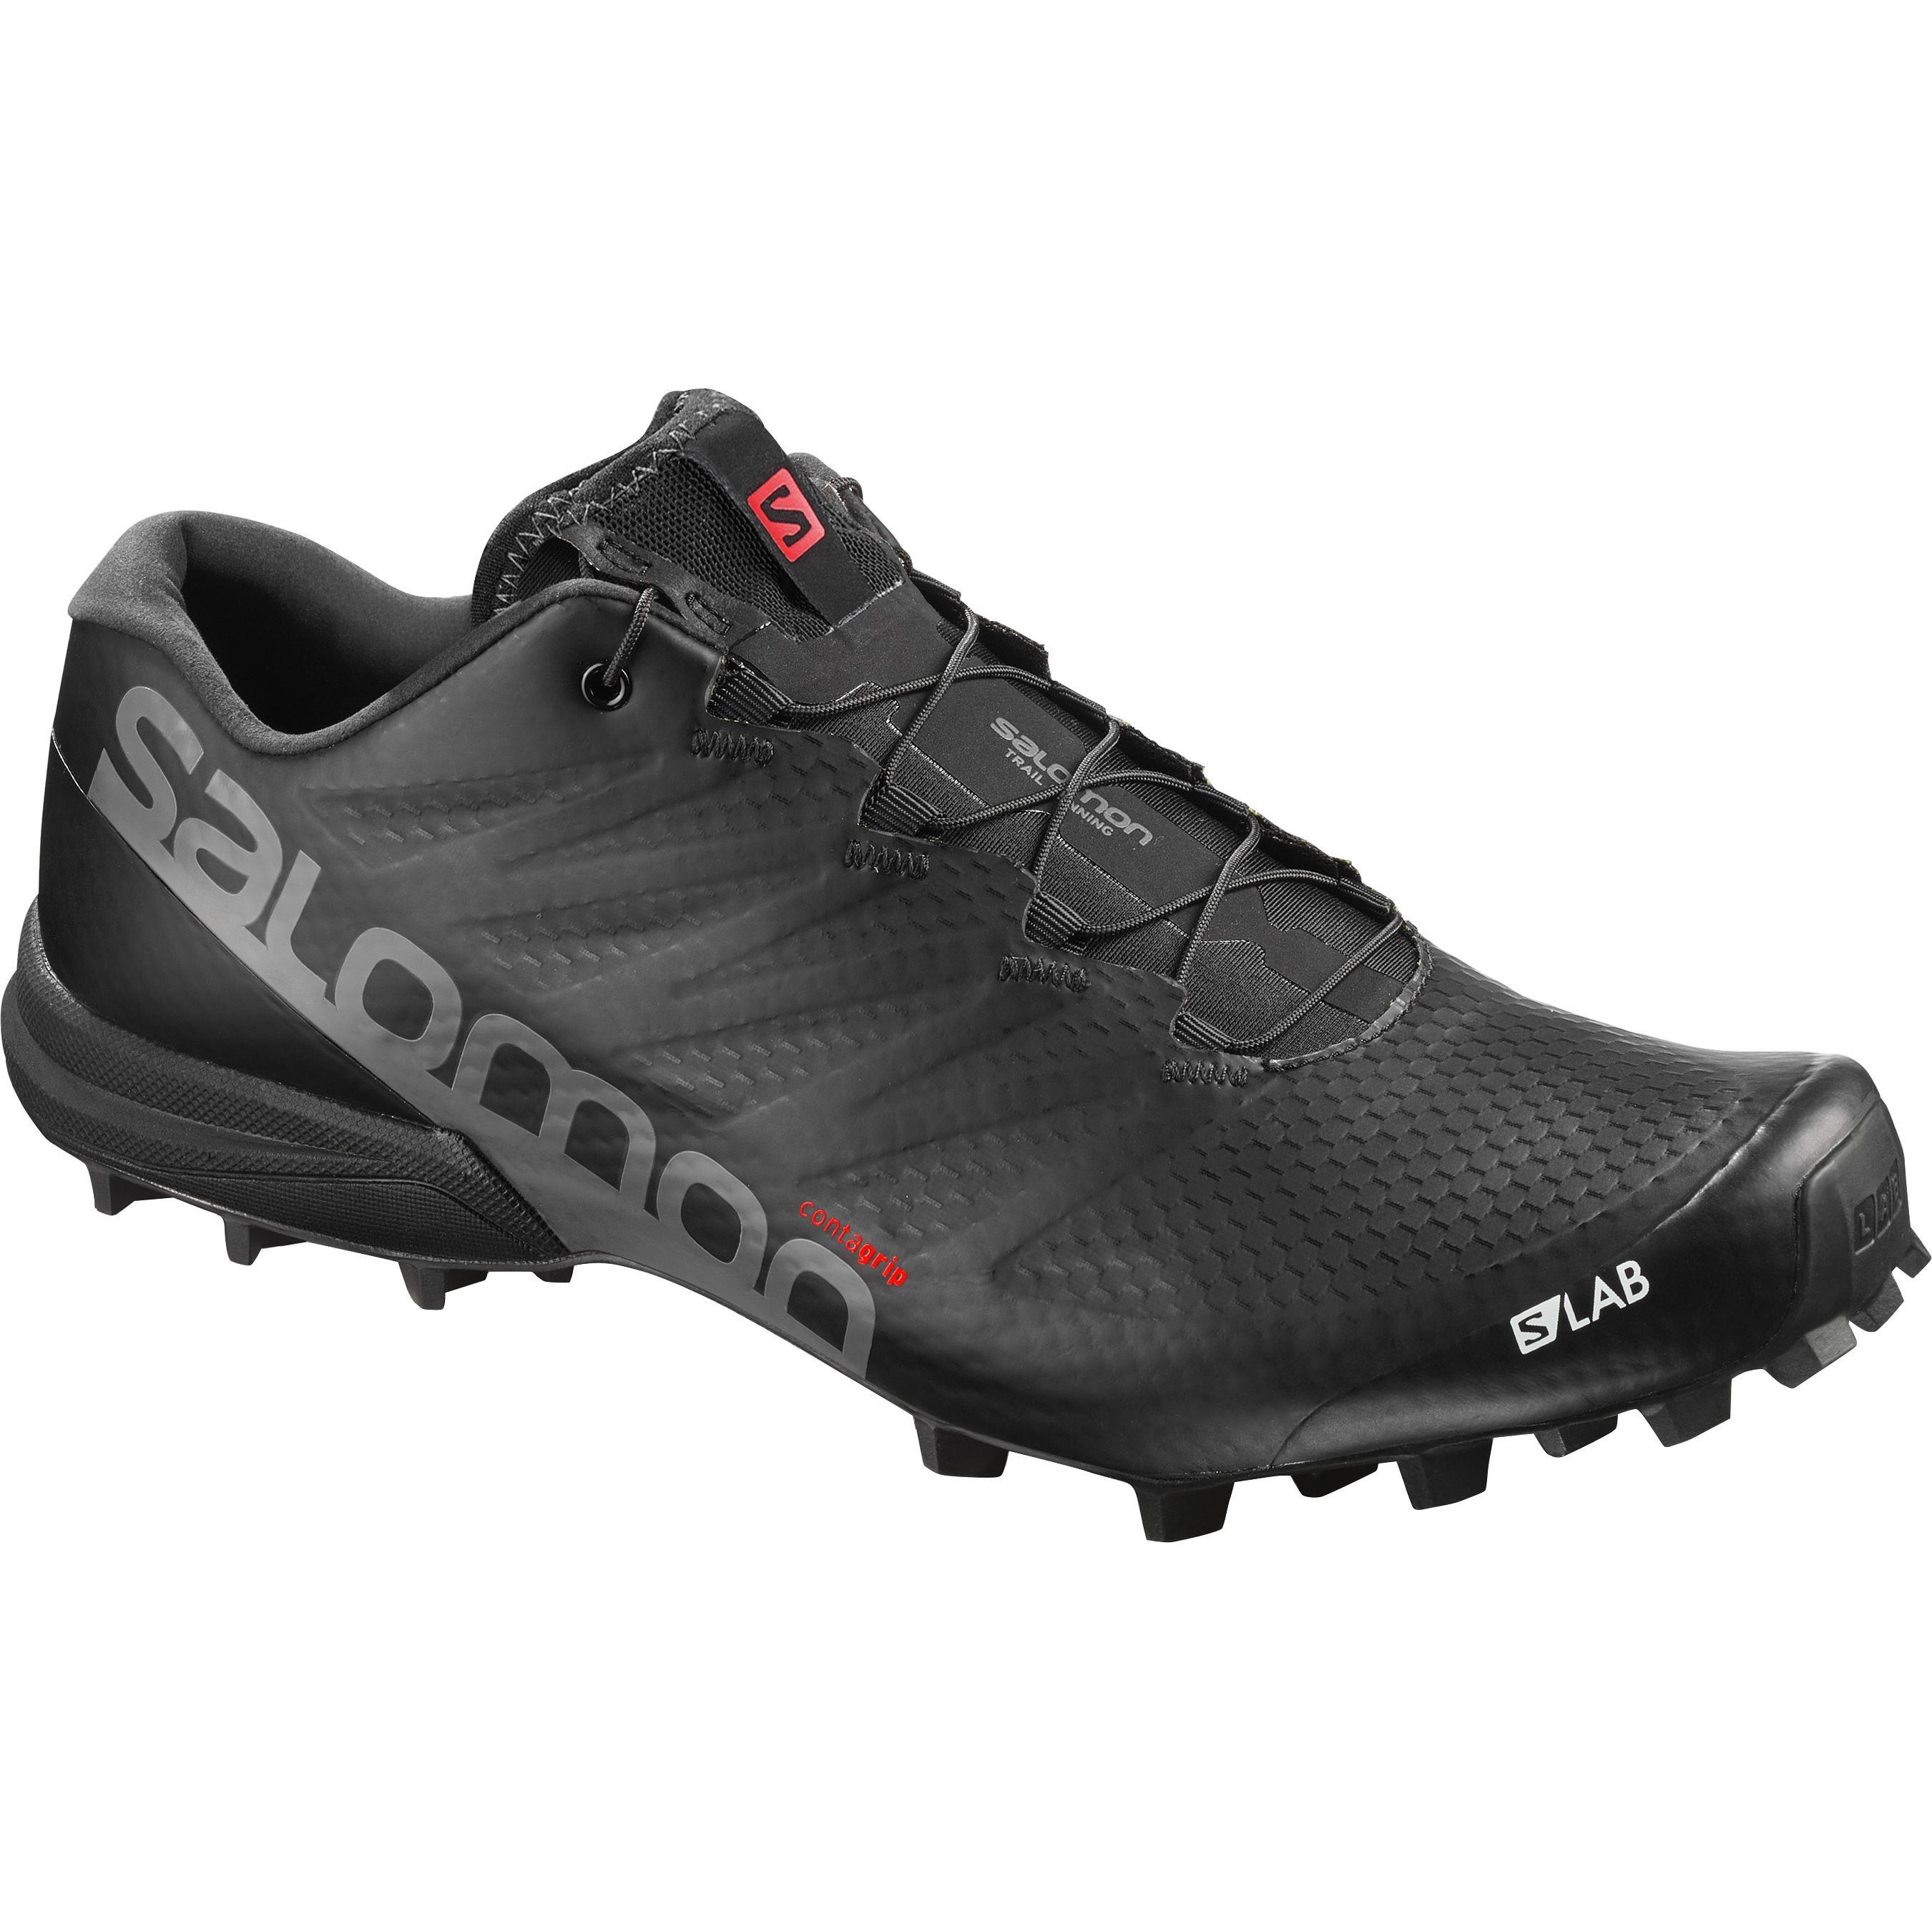 Купить Беговые кроссовки для XC SALOMON 2018 S/LAB SPEED 2 Black/Racing Rd/Wht, Кроссовки бега, 1400223